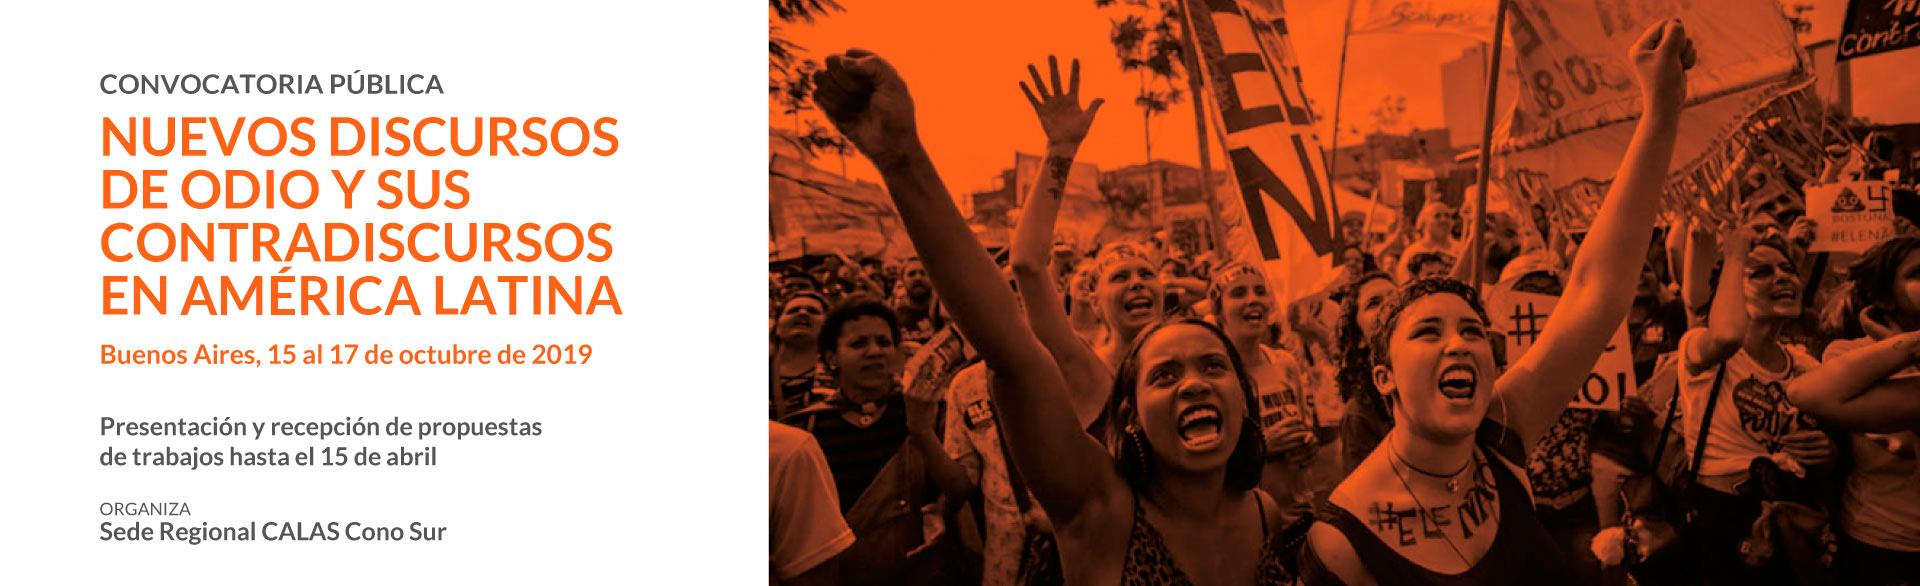 Nuevos discursos de odio y sus contradiscursos: Convocatoria pública